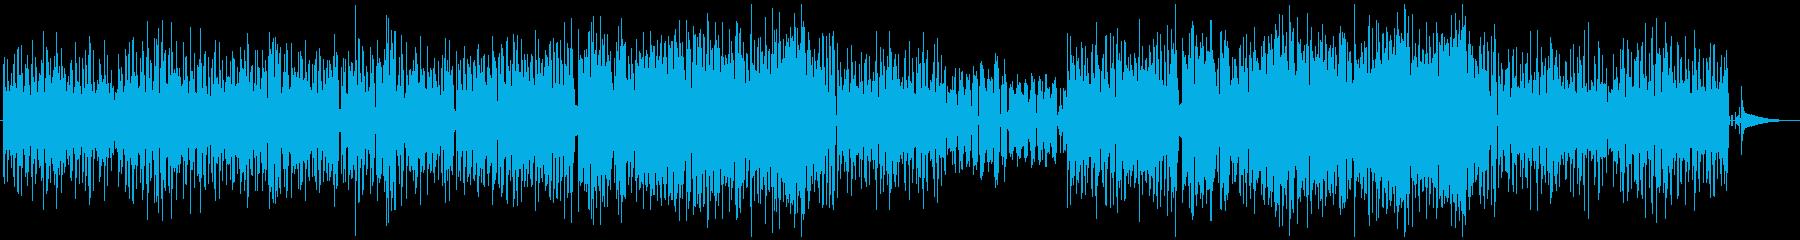 バンドサウンドによる軽快なポップスの再生済みの波形